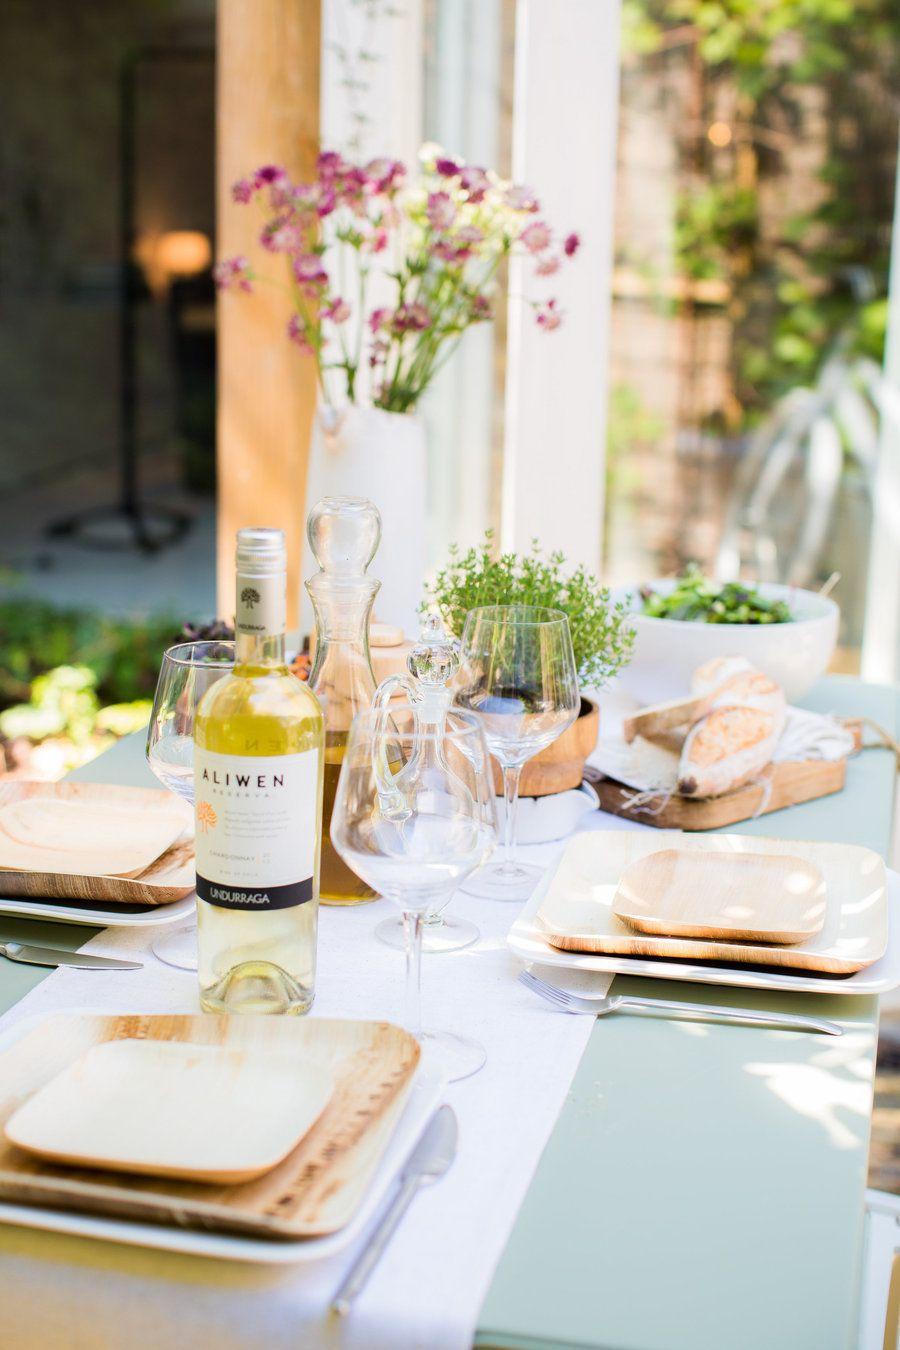 Apparecchiare Tavola In Terrazza an italian al fresco dinner from avenue lifestyle +